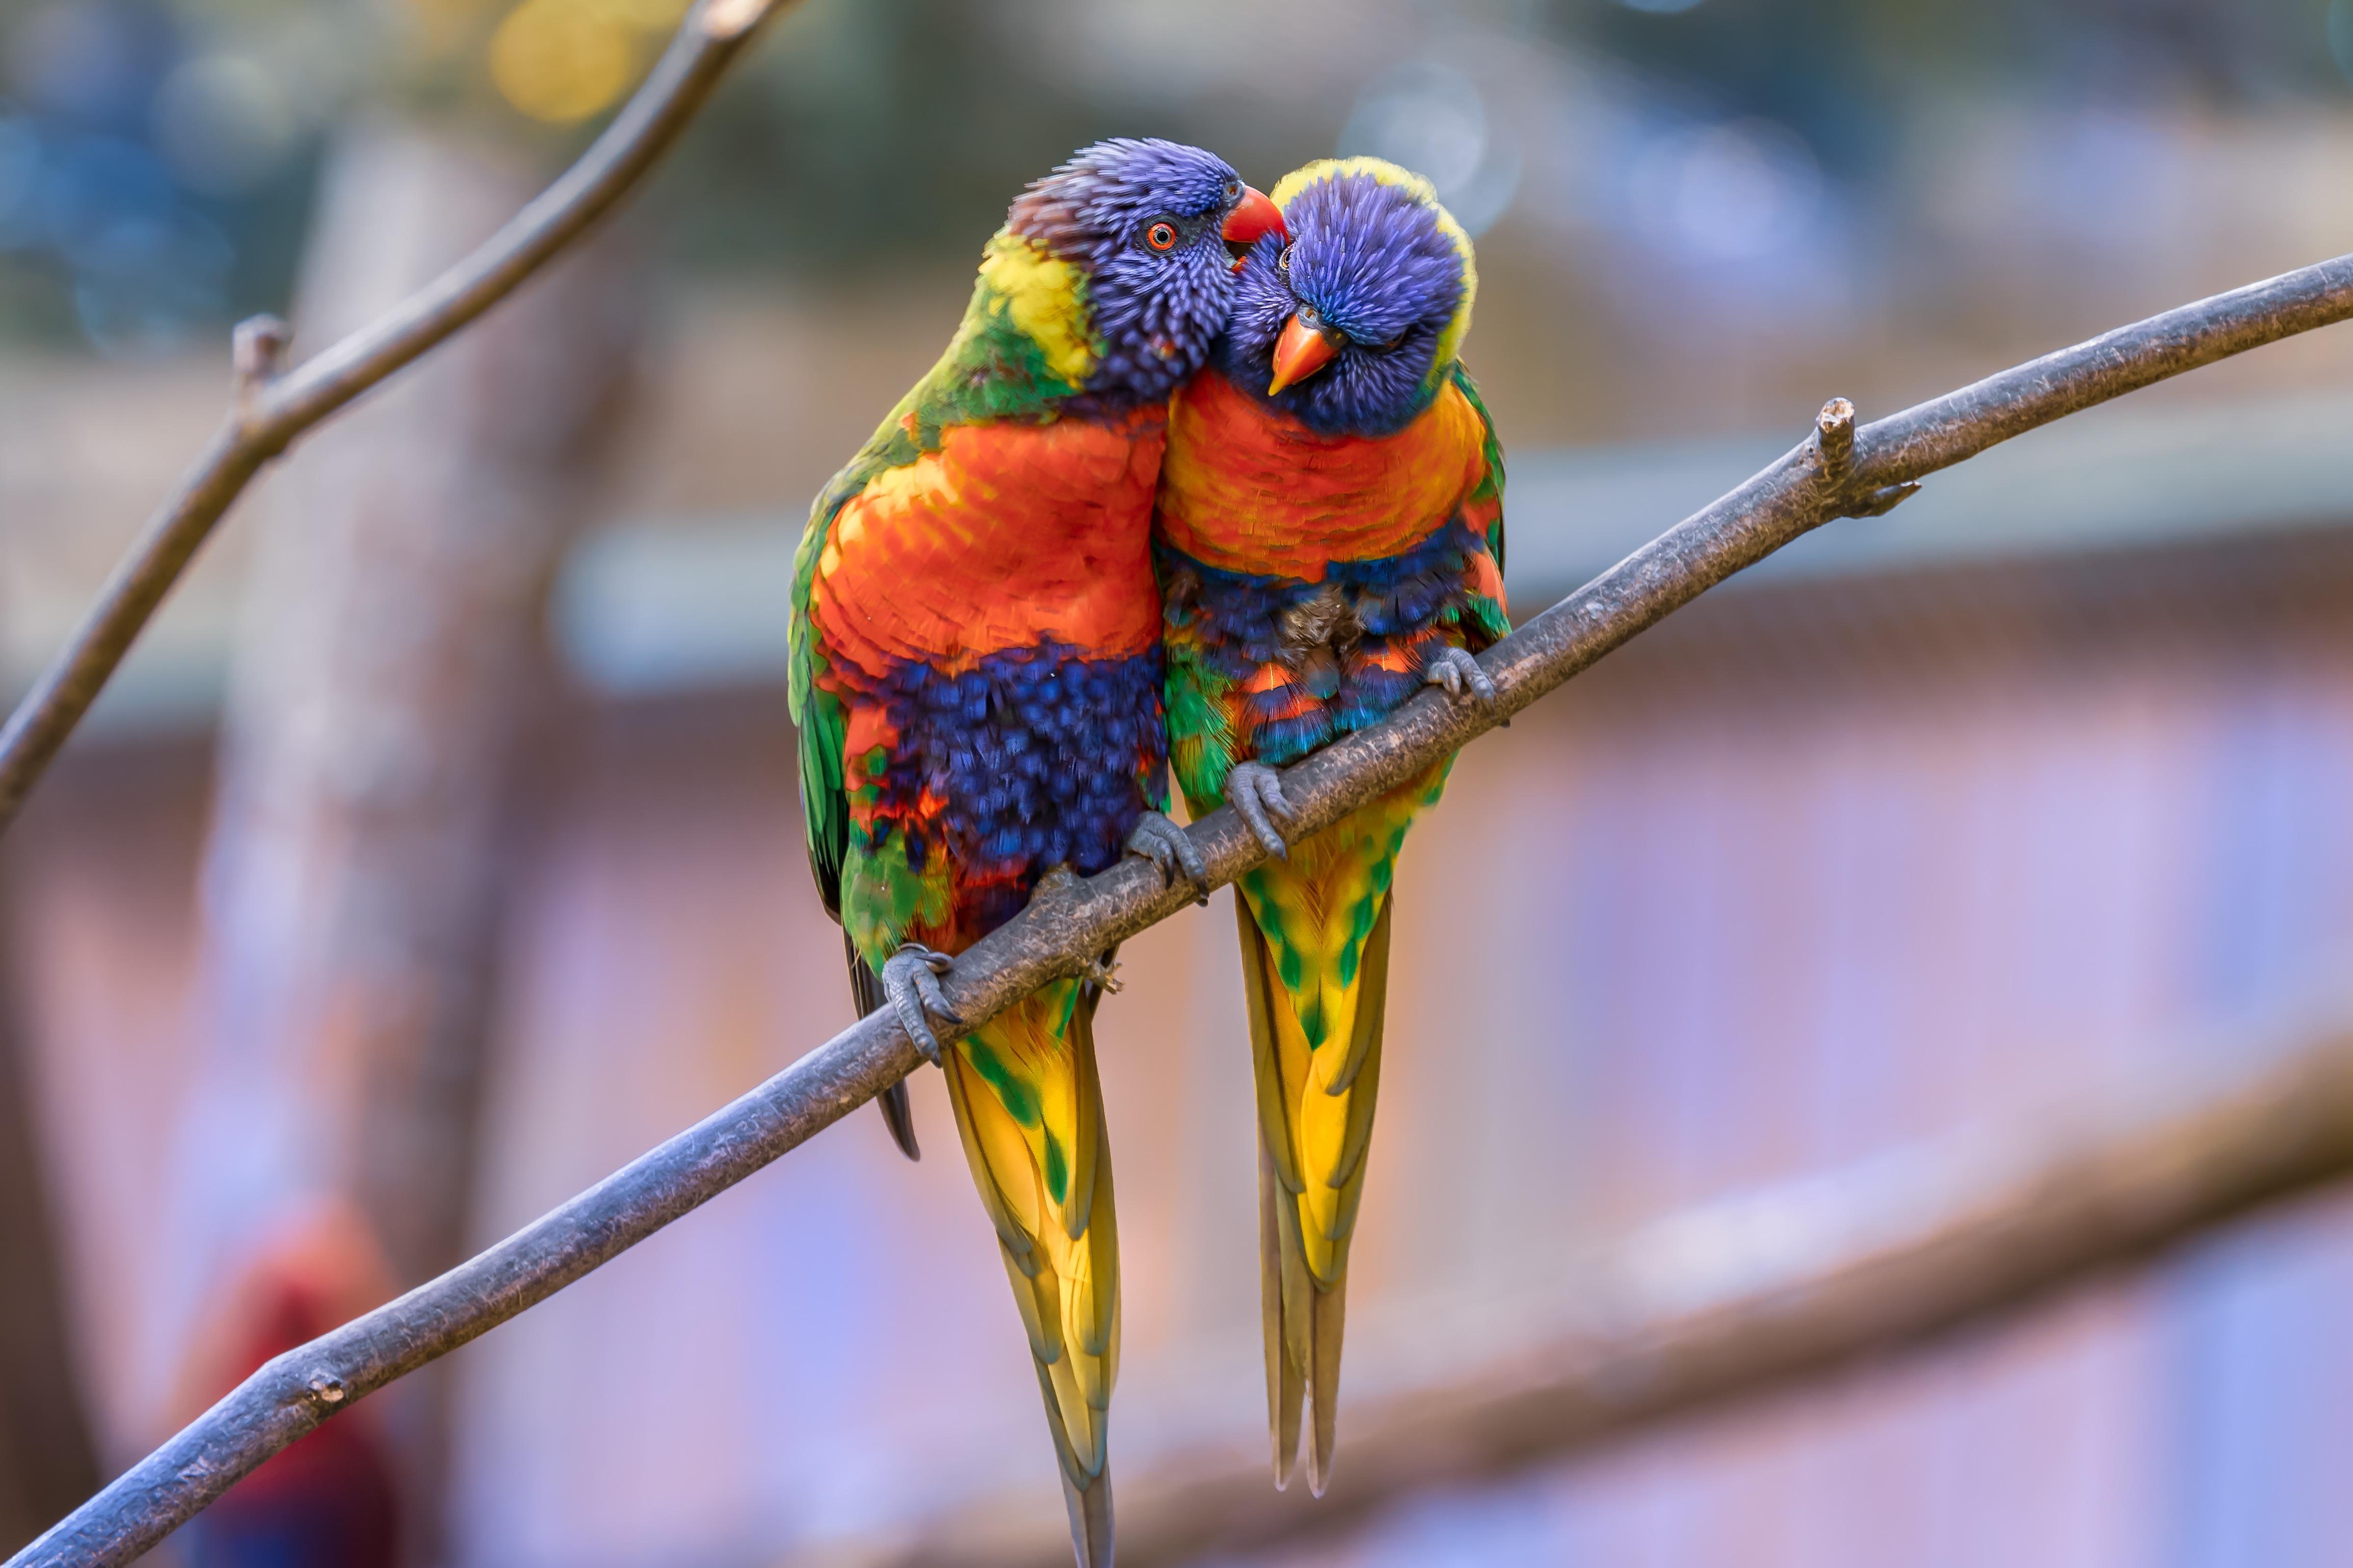 64940 Заставки и Обои Попугаи на телефон. Скачать Попугаи, Животные, Птицы, Пара, Нежность, Многоцветный Лорикет картинки бесплатно